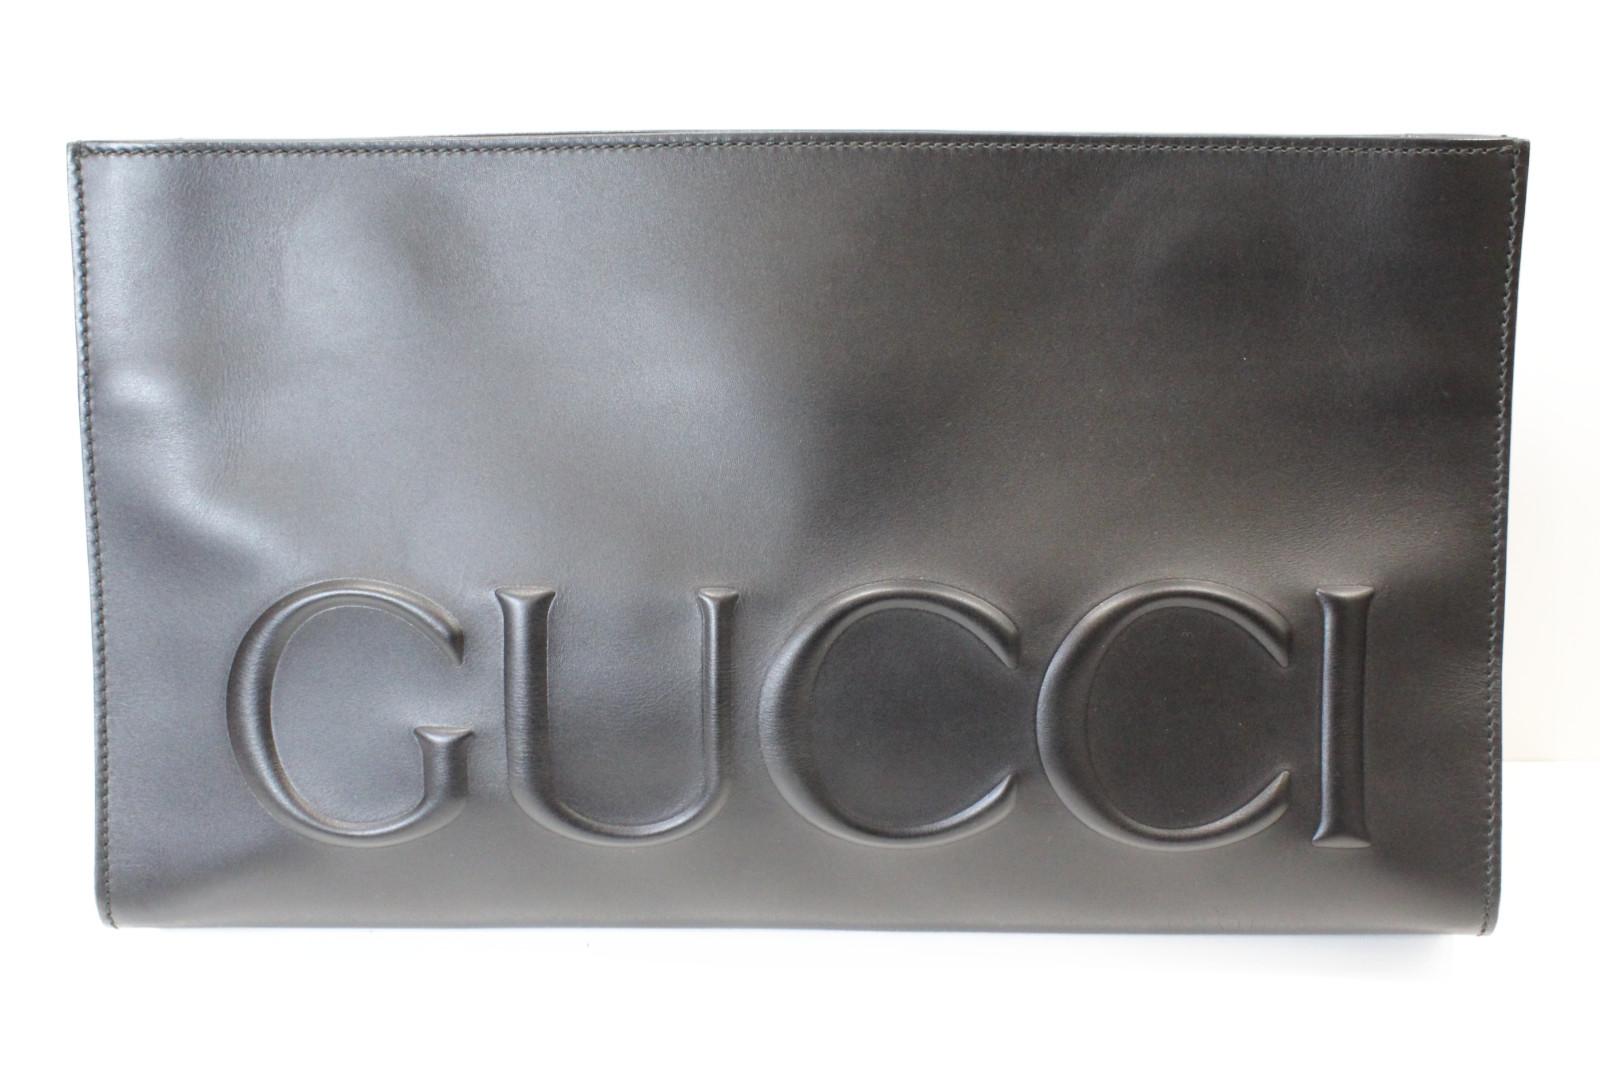 GUCCI グッチレザークラッチXL 409382・467891レザー ブラック セカンドバッグシンプル メンズ プレゼント包装可【中古】